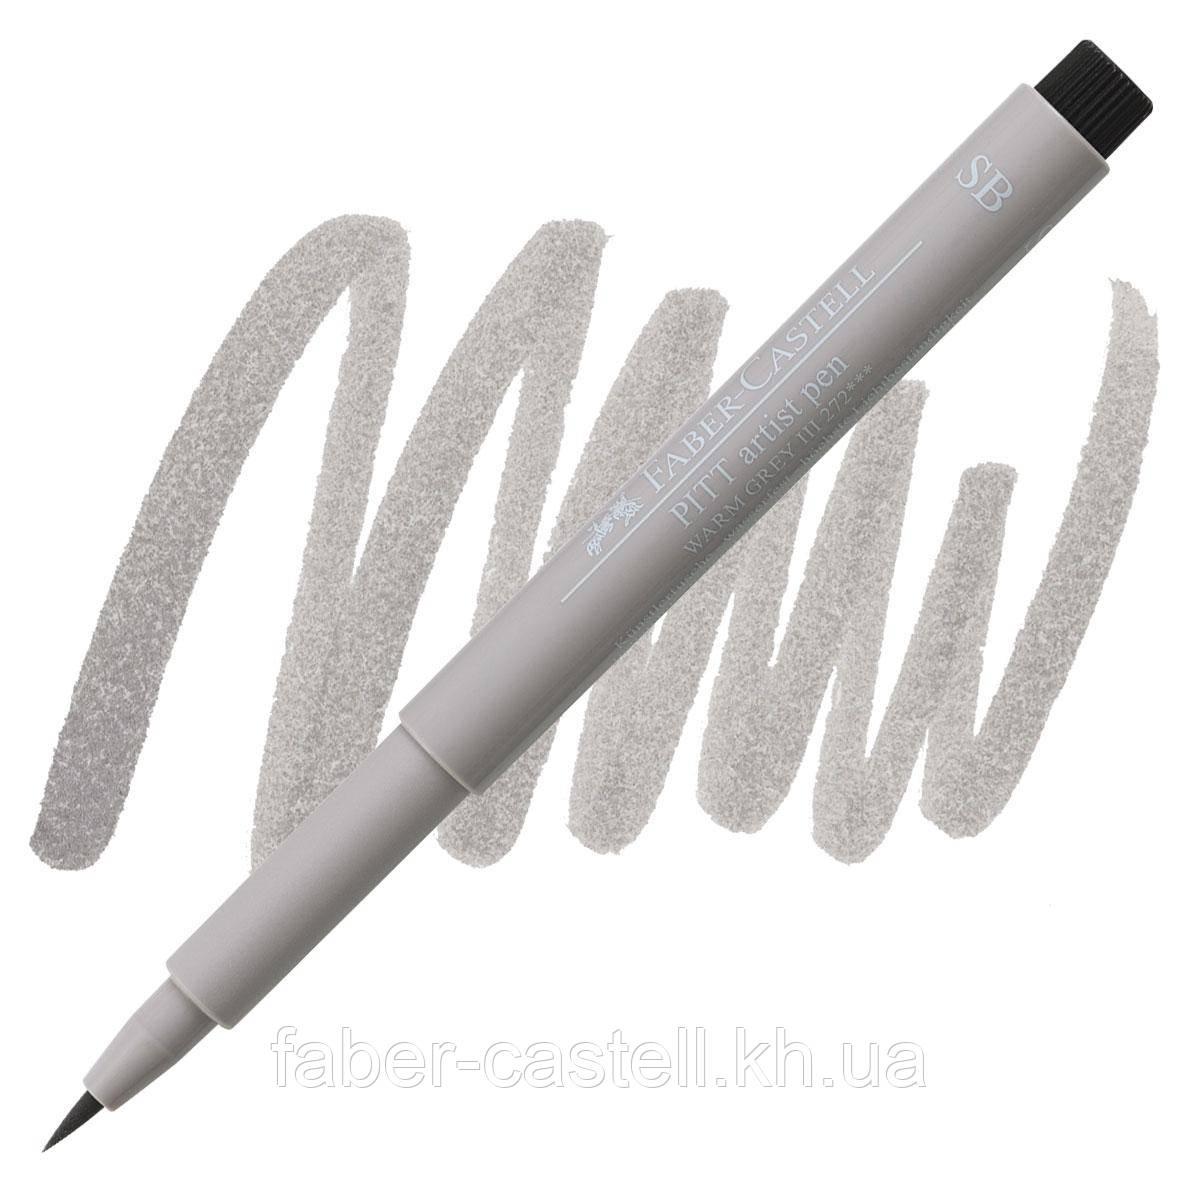 """Ручка-кисточка капиллярная Faber - Castell PITT® ARTIST PEN """"SOFT BRUSH"""" № 272 теплый серый III, 167872"""